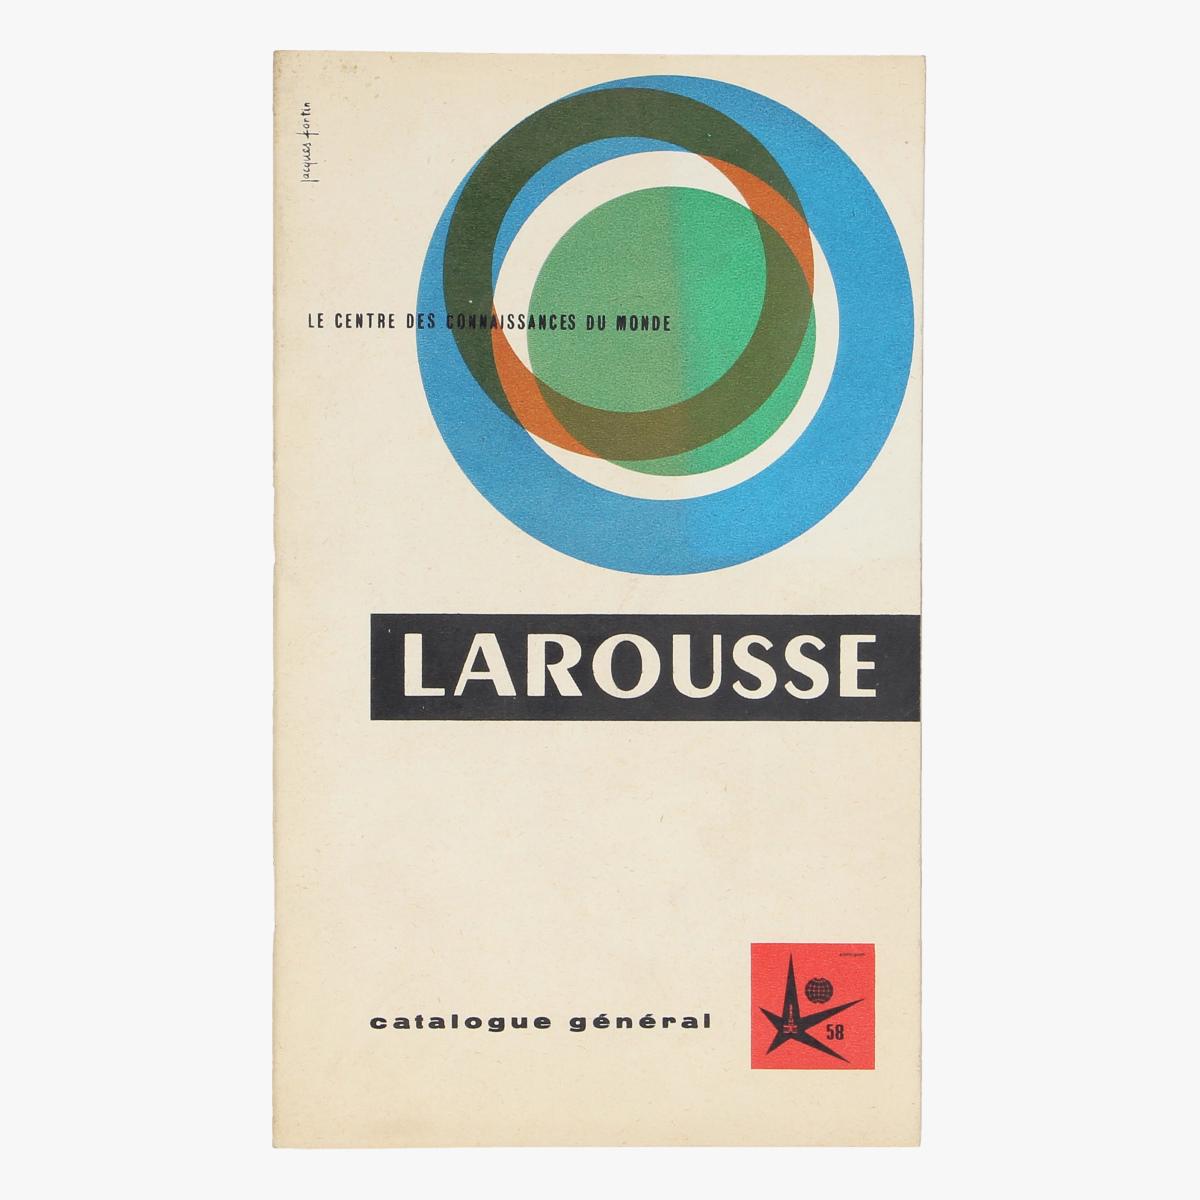 Afbeeldingen van expo 58 le centre des conneissances du monde larousse catalogue général